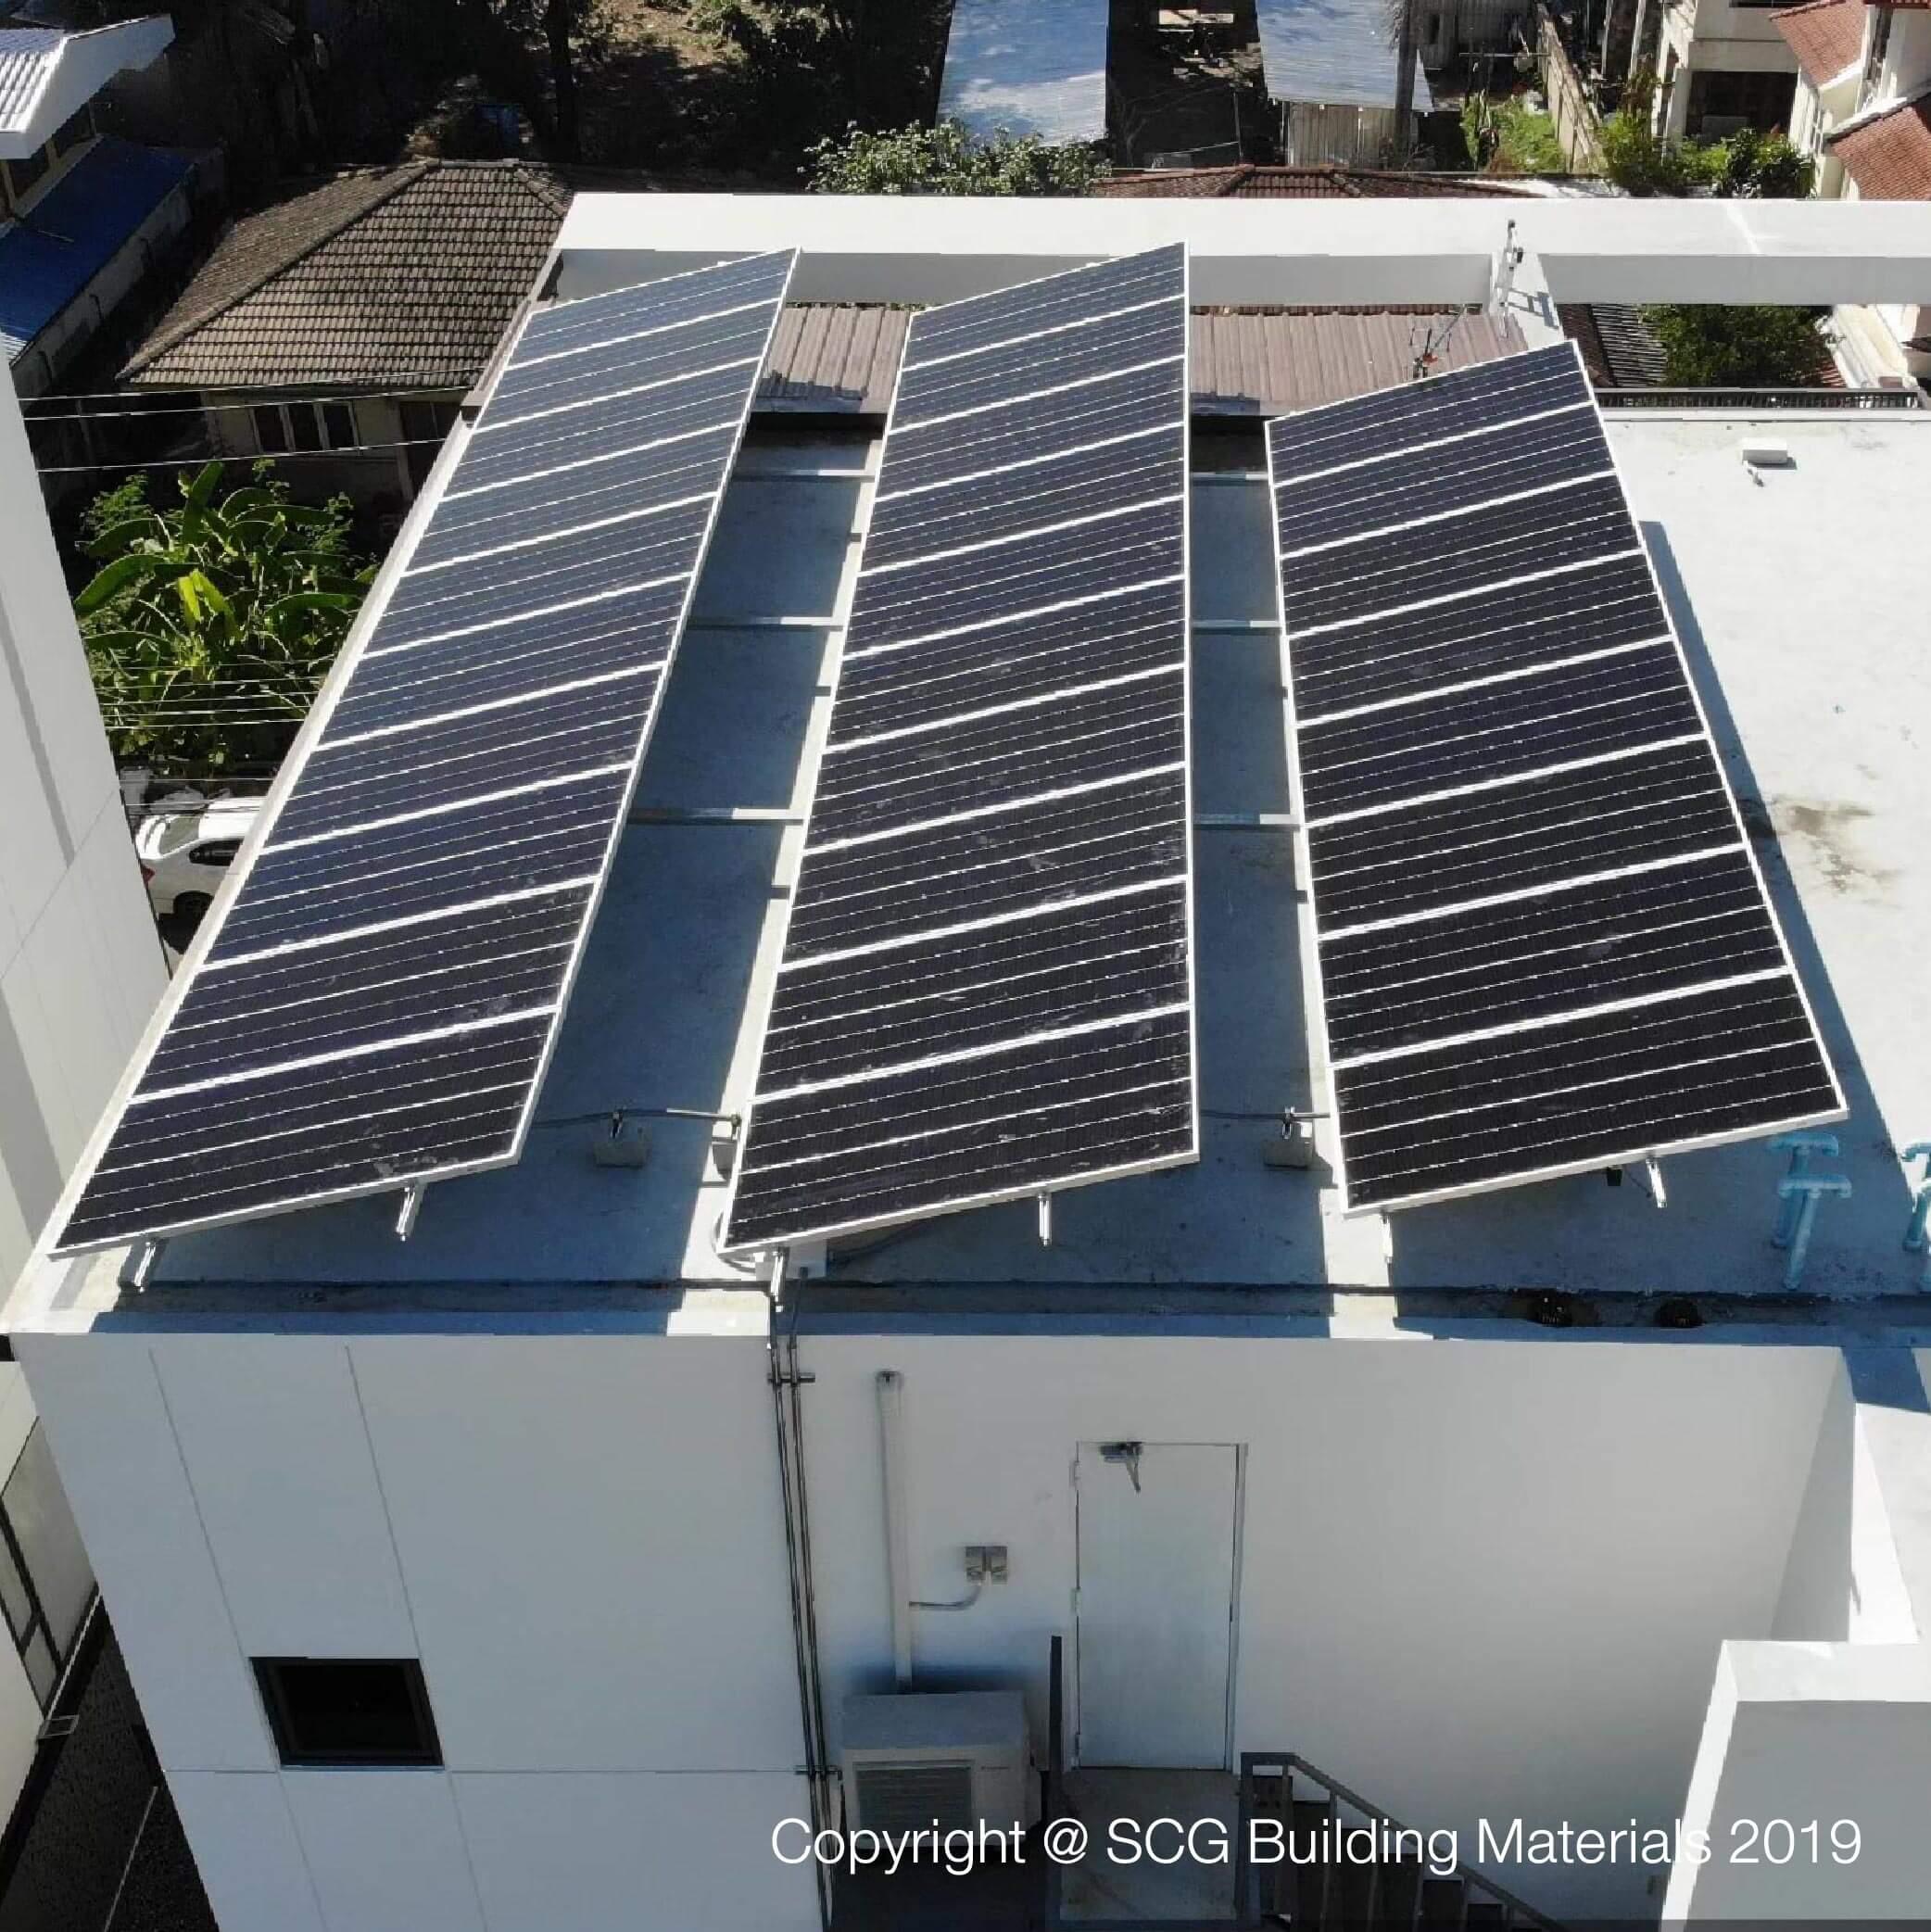 12 จุดเด่นมาพร้อม SCG Solar Roof เมื่อยักษ์ลงสนามไฟฟ้าบ้านพลังงานแสงอาทิตย์ 44 - Premium